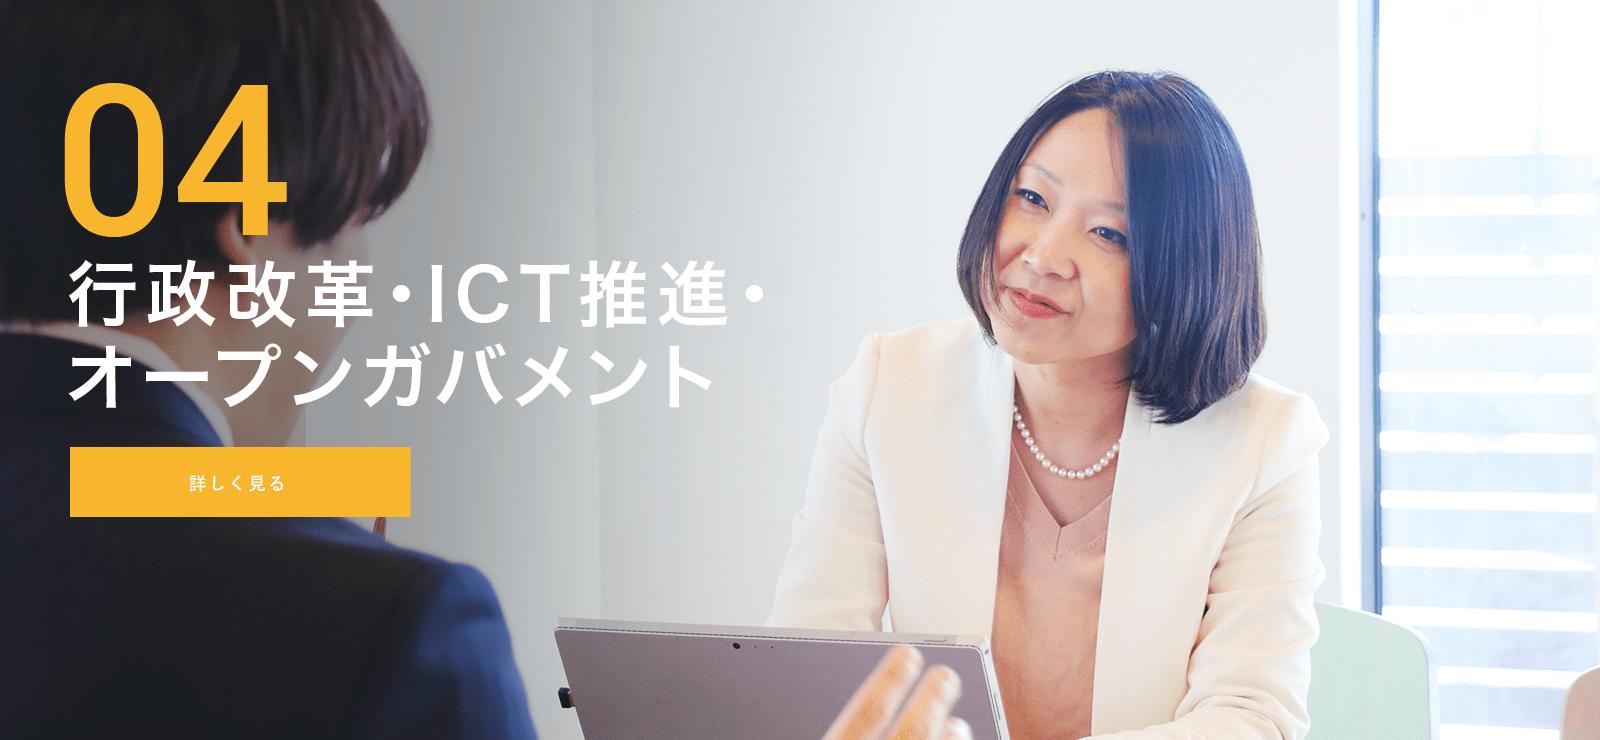 04 行政改革・ICT推進・オープンガバメント